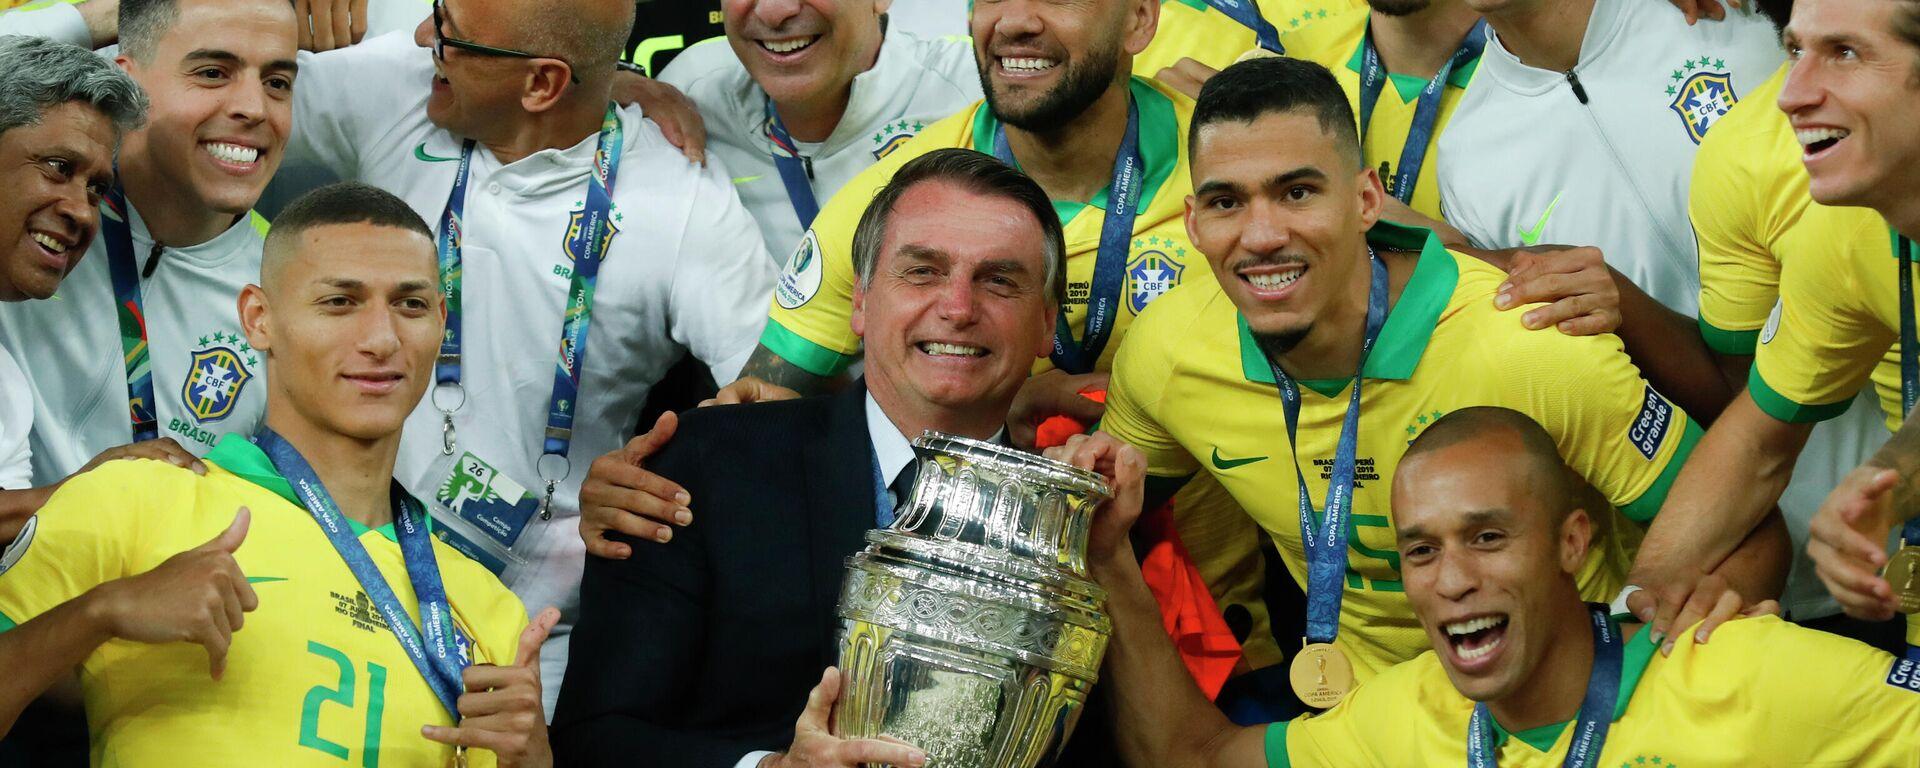 El presidente de Brasil, Jair Bolsonaro, sostiene el trofeo de la Copa América 2019, ganada por la selección brasileña - Sputnik Mundo, 1920, 31.05.2021